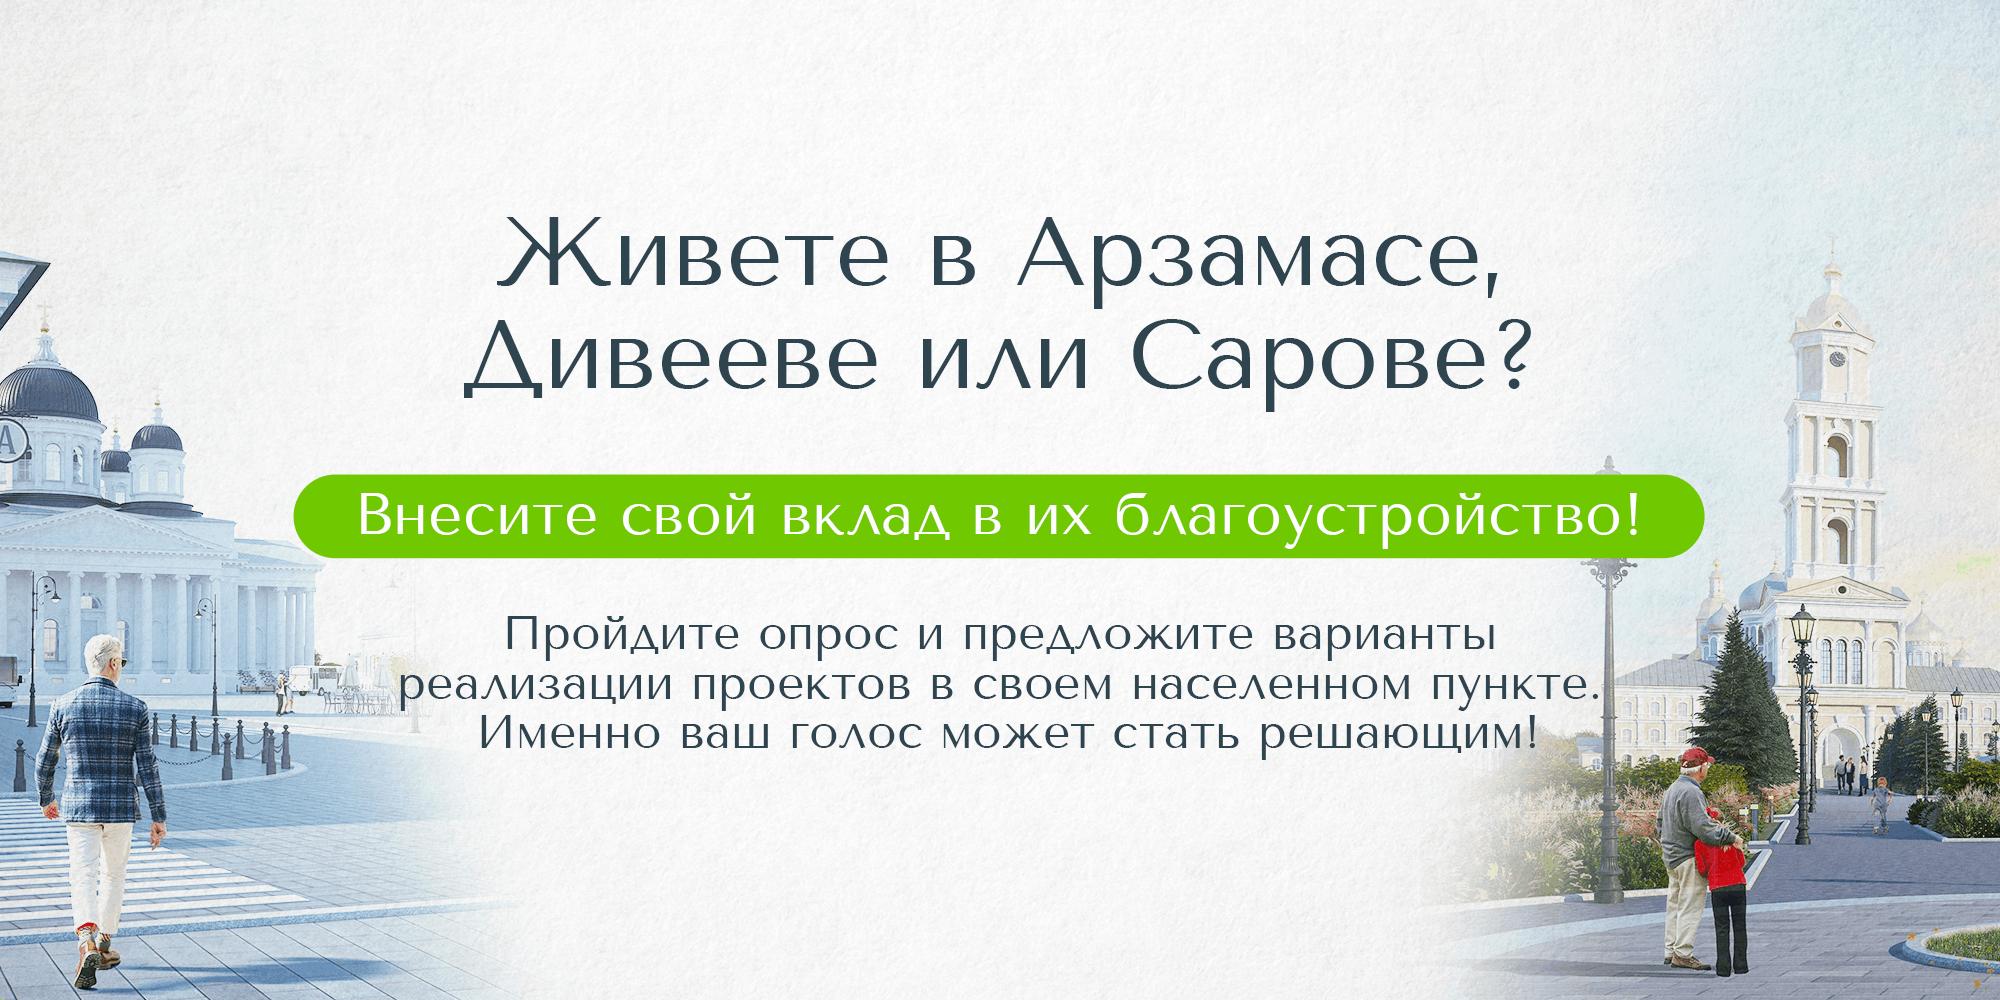 Жители Арзамаса, Дивеева и Сарова до 8 декабря могут внести предложения по благоустройству территорий